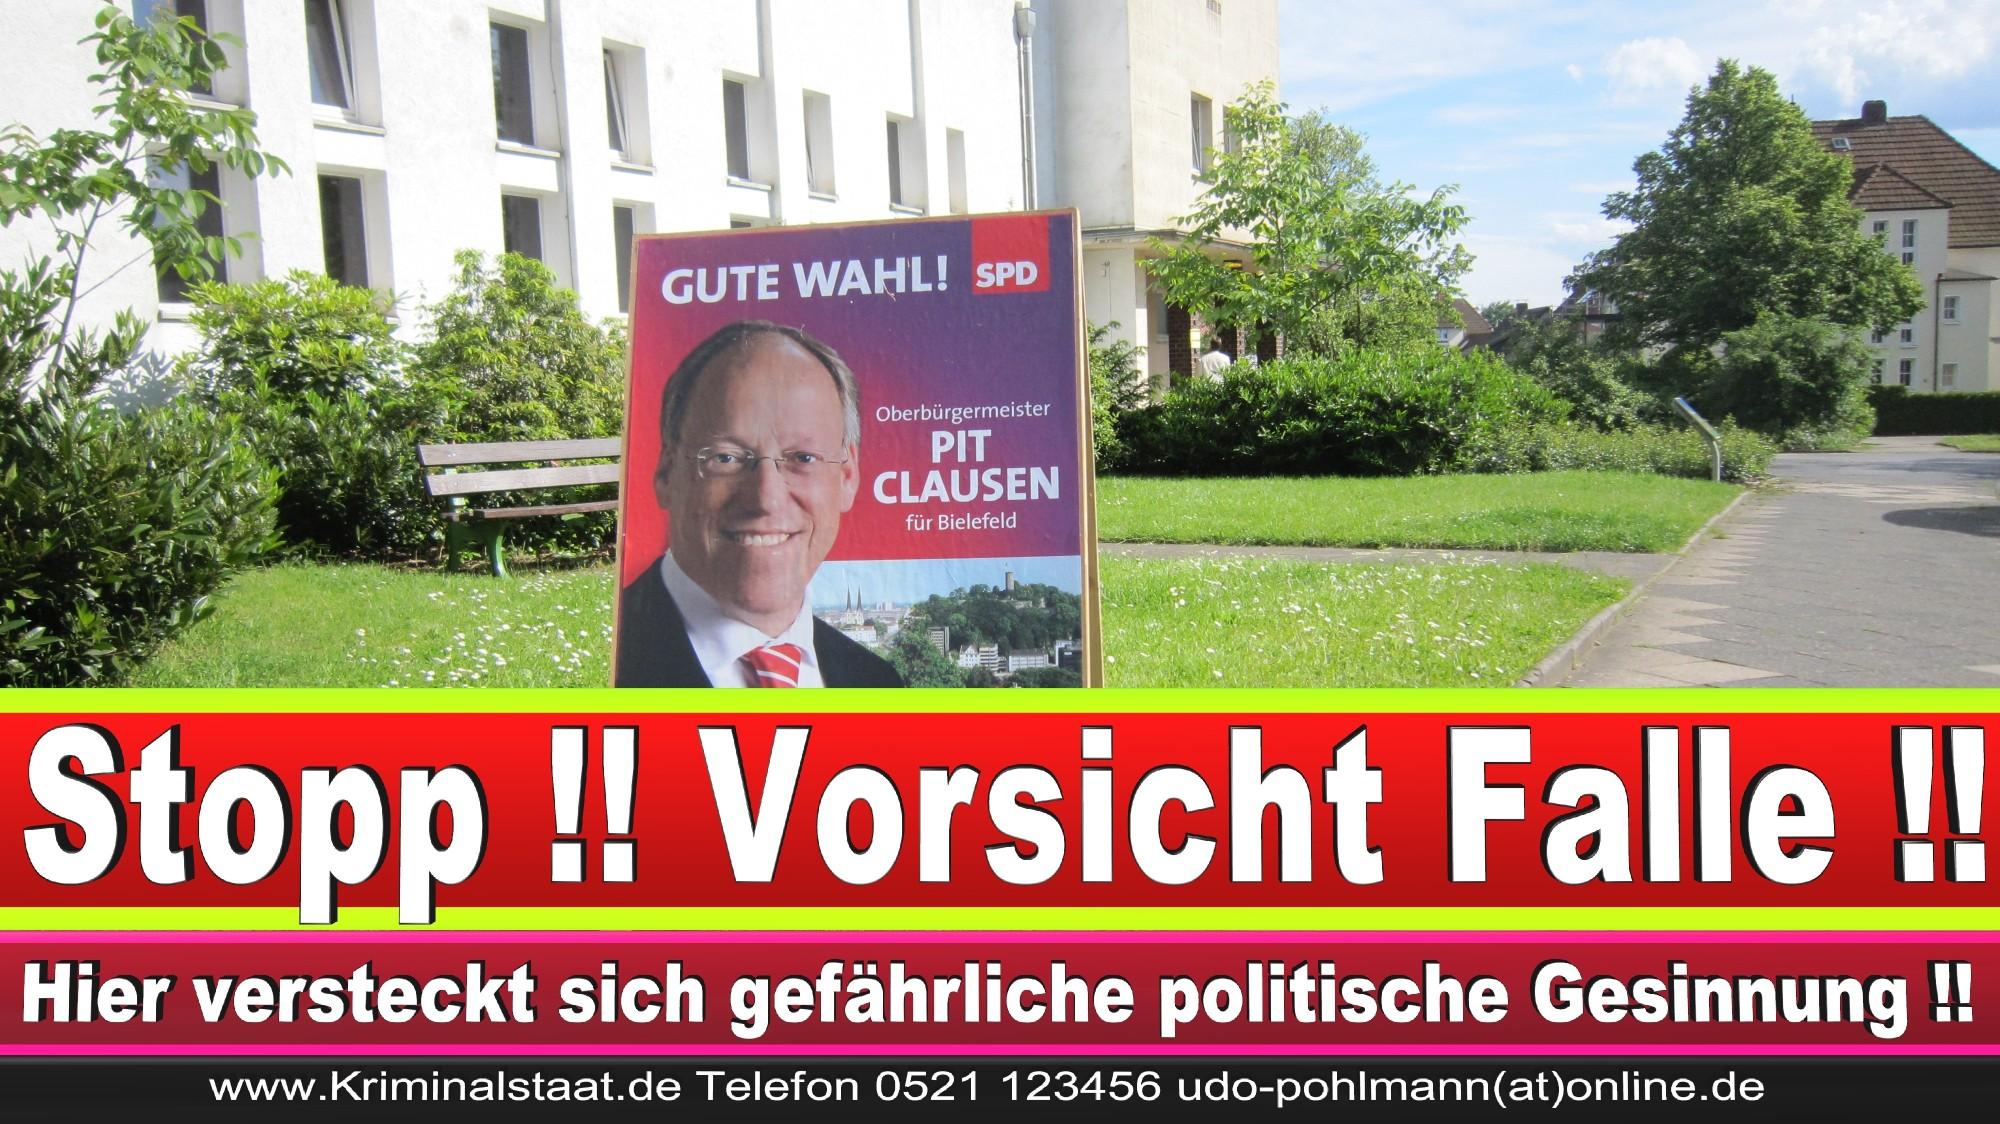 SPD Bielefeld Bürgerberatung Bielefeld Sparrenburg Tierpark Stadthalle Radrennbahn Schüco Arena Ostwestfalendamm Rathaus Ratsmitglieder (6)